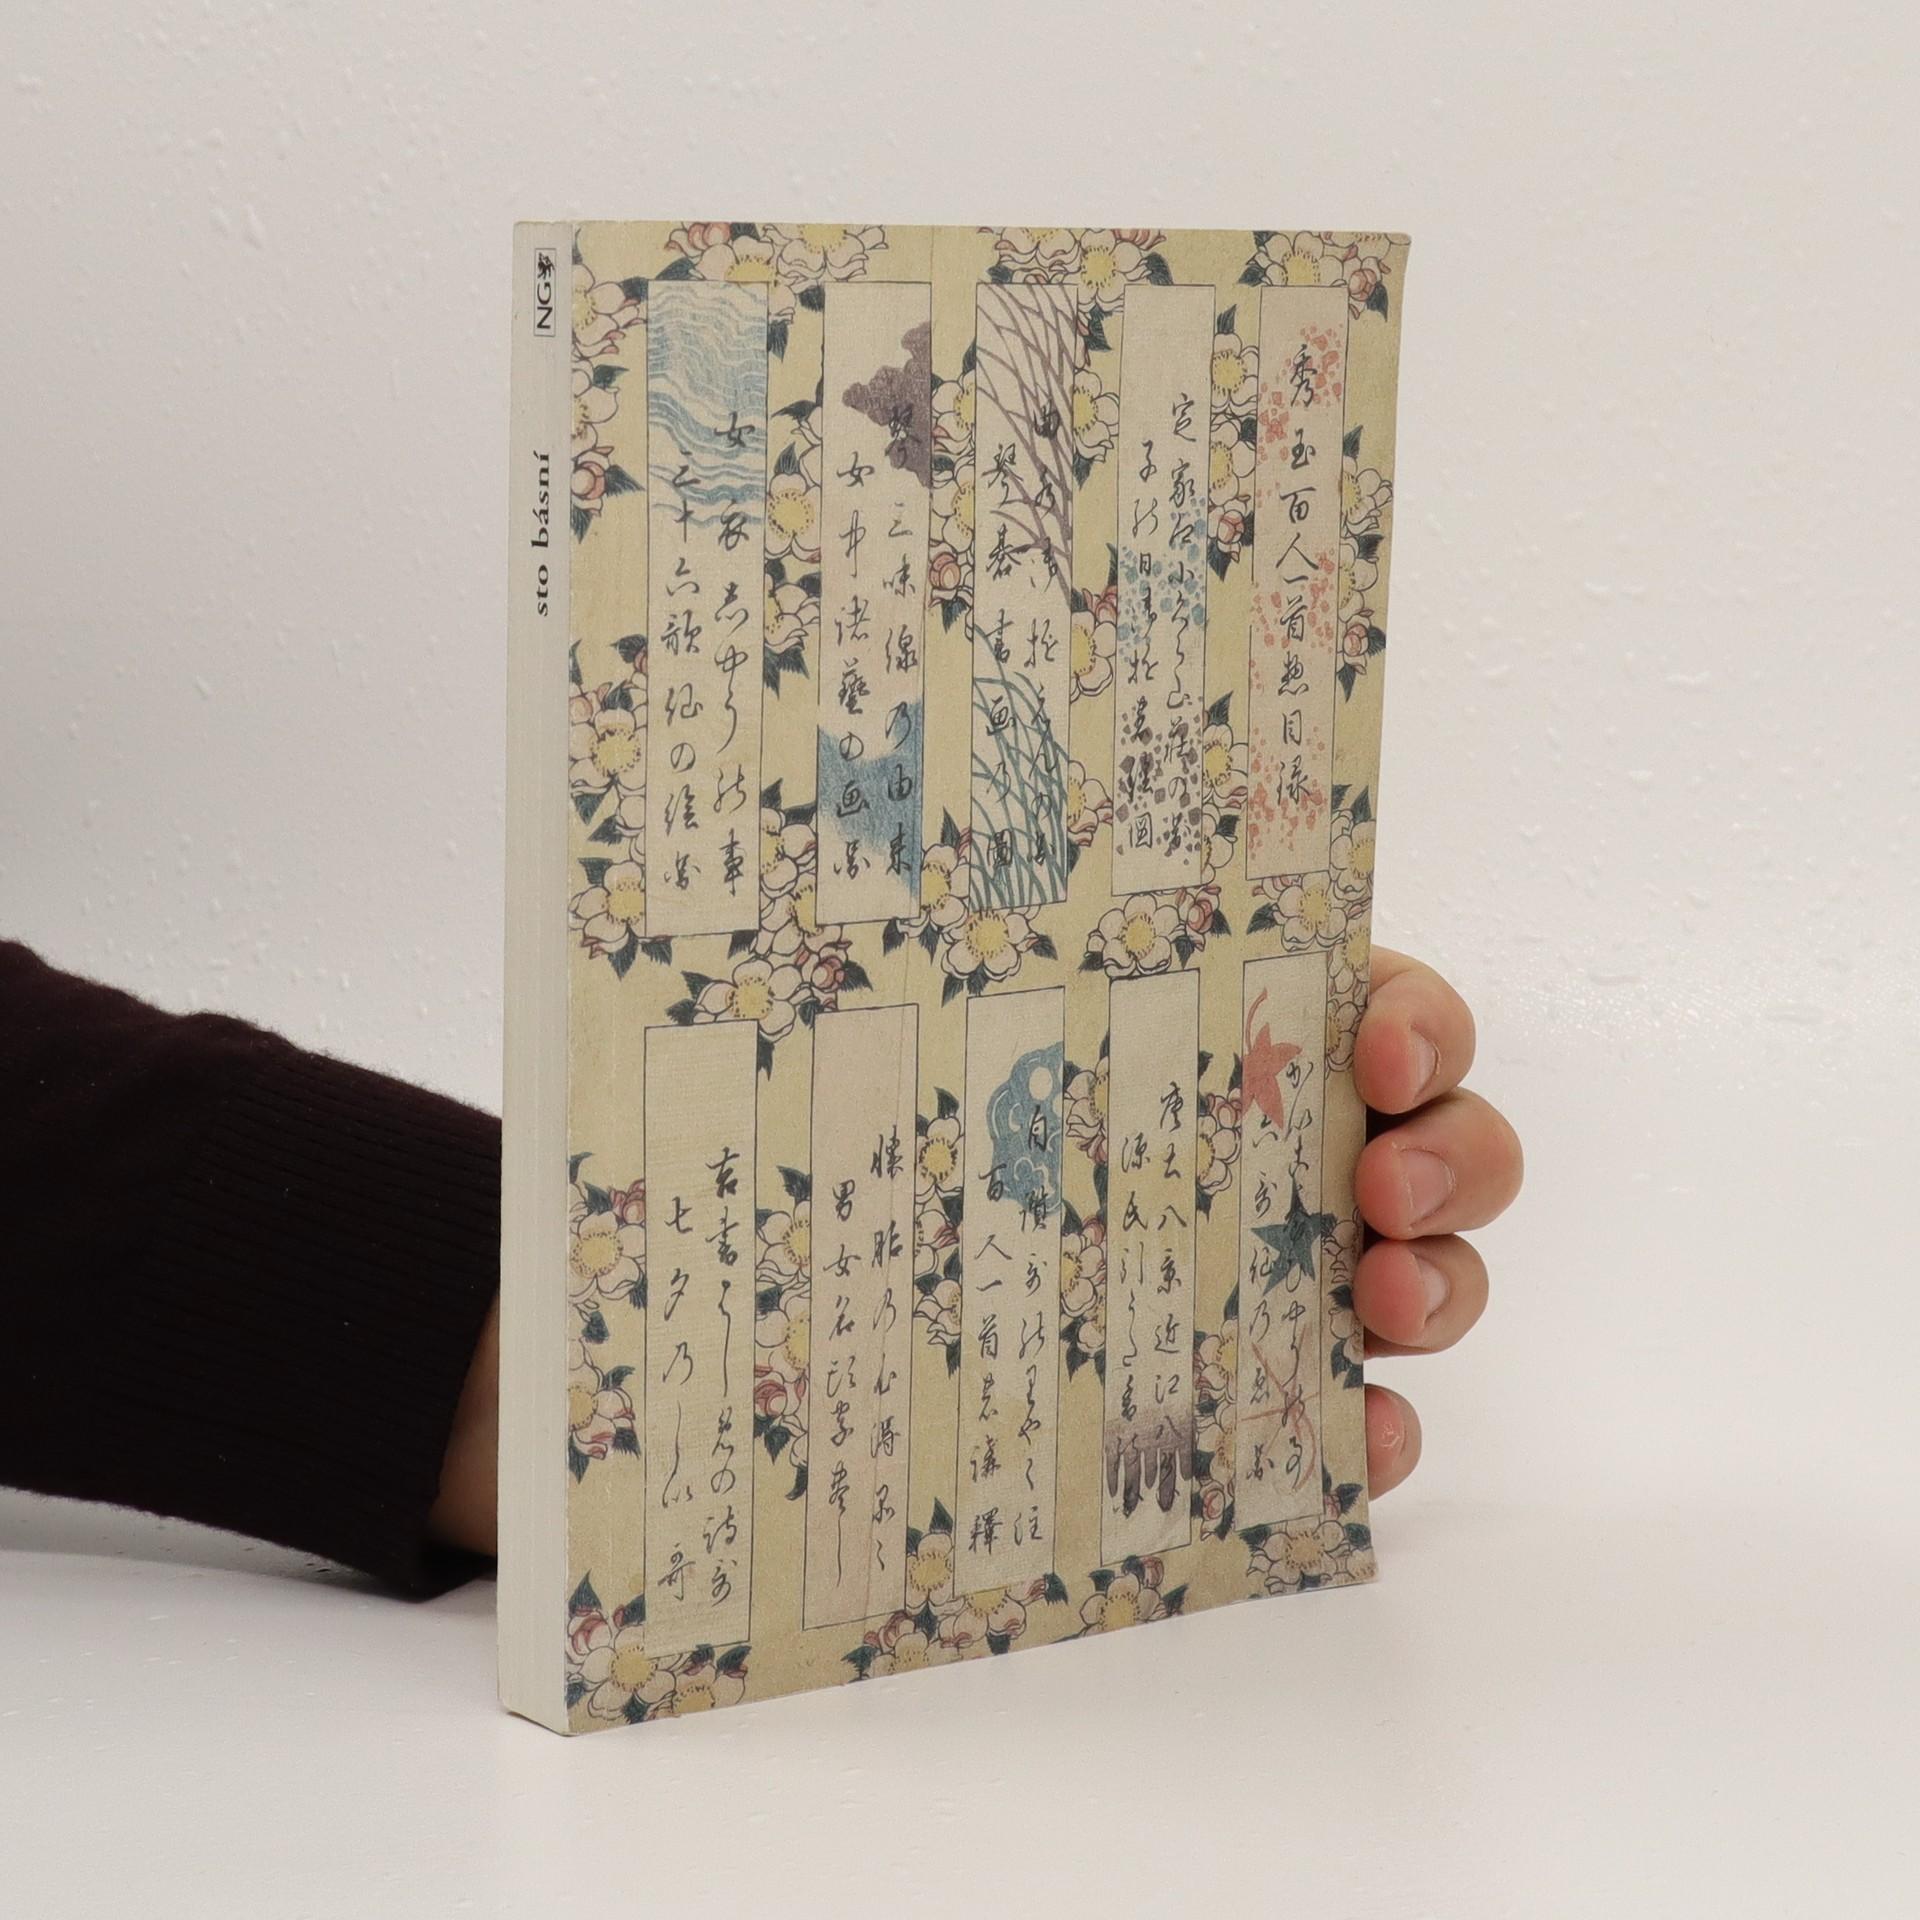 antikvární kniha Sto básní : stará japonská poezie, 1997